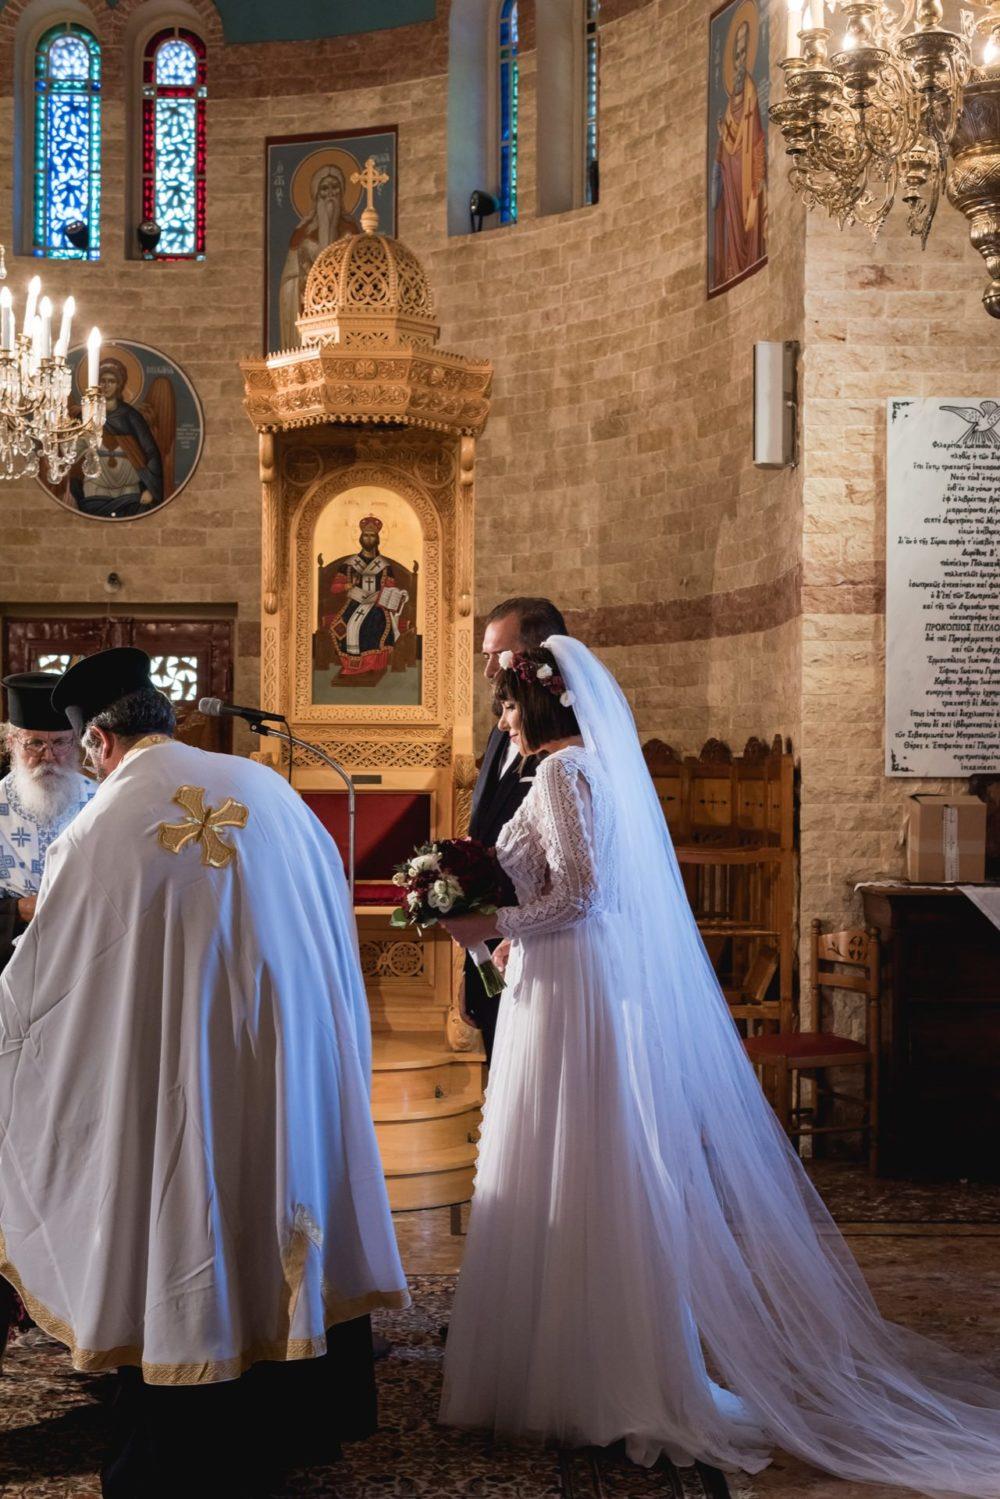 Fotografisi Gamou Wedding Gamos Fotografos Alekos & Mania093